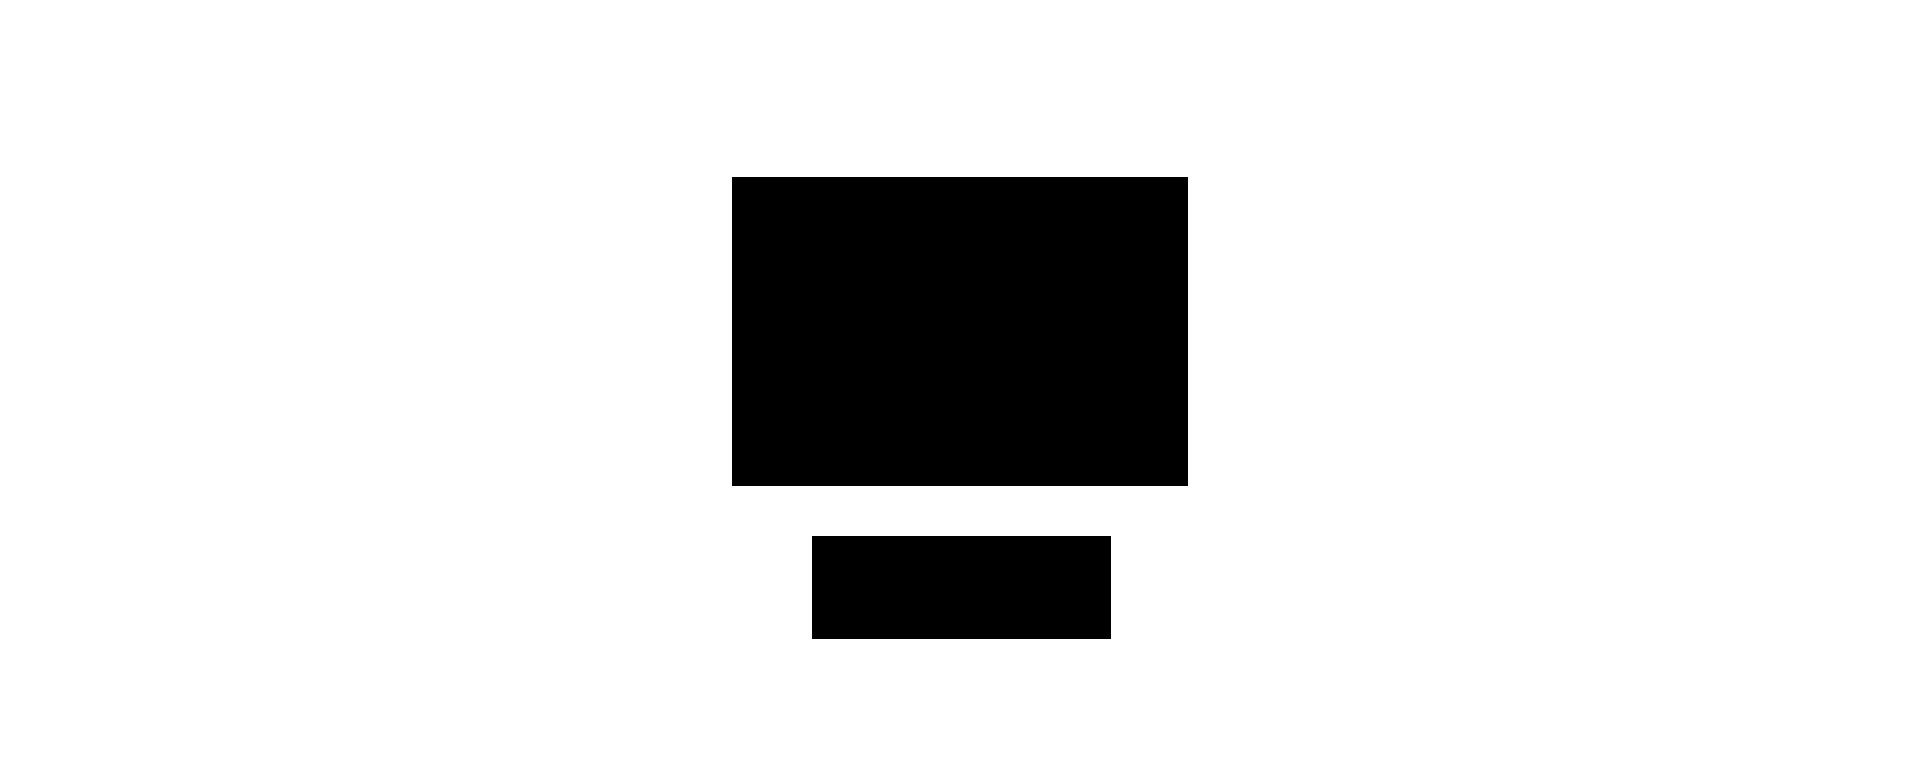 rzr02